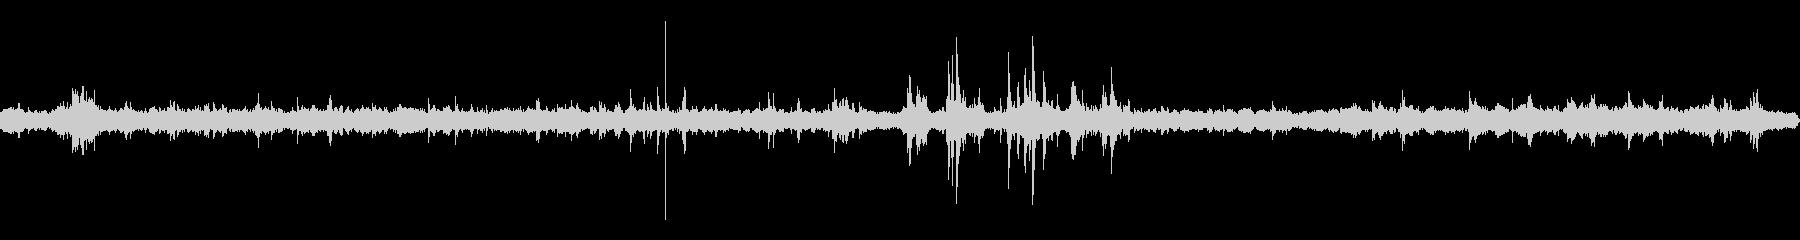 解体工事(少し遠め) 重機の音などの未再生の波形